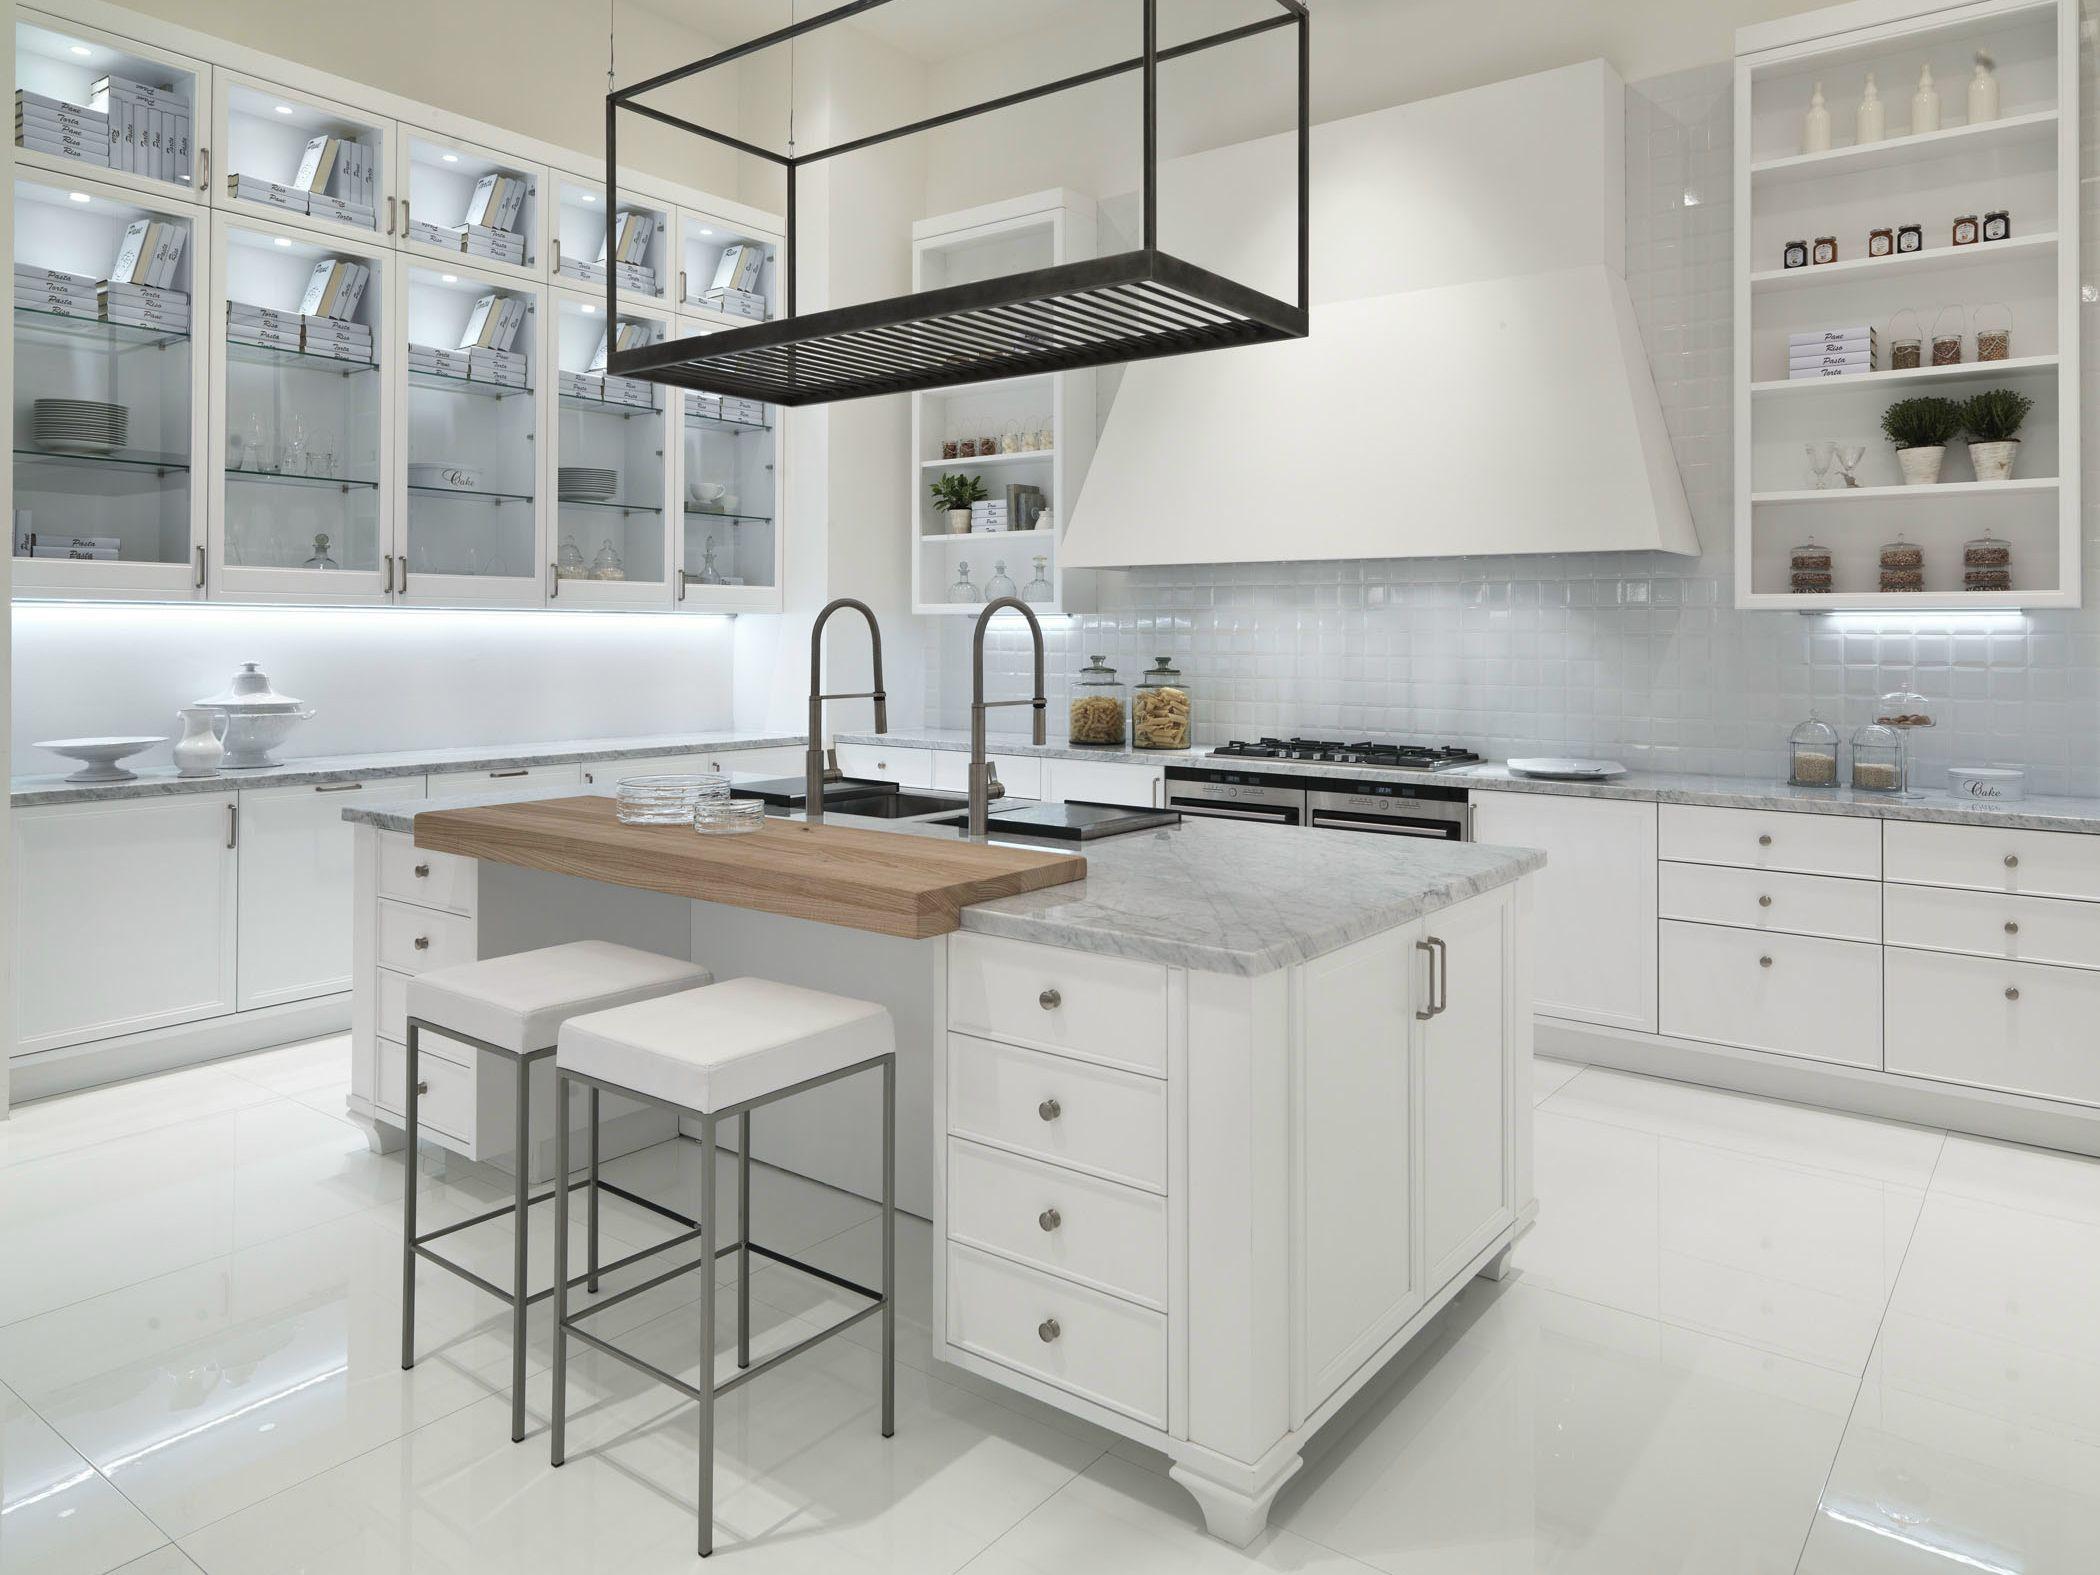 AVENUE Cuisine Avec îlot By Aster Cucine #5C4F43 2100 1575 Cucine Moderne A U